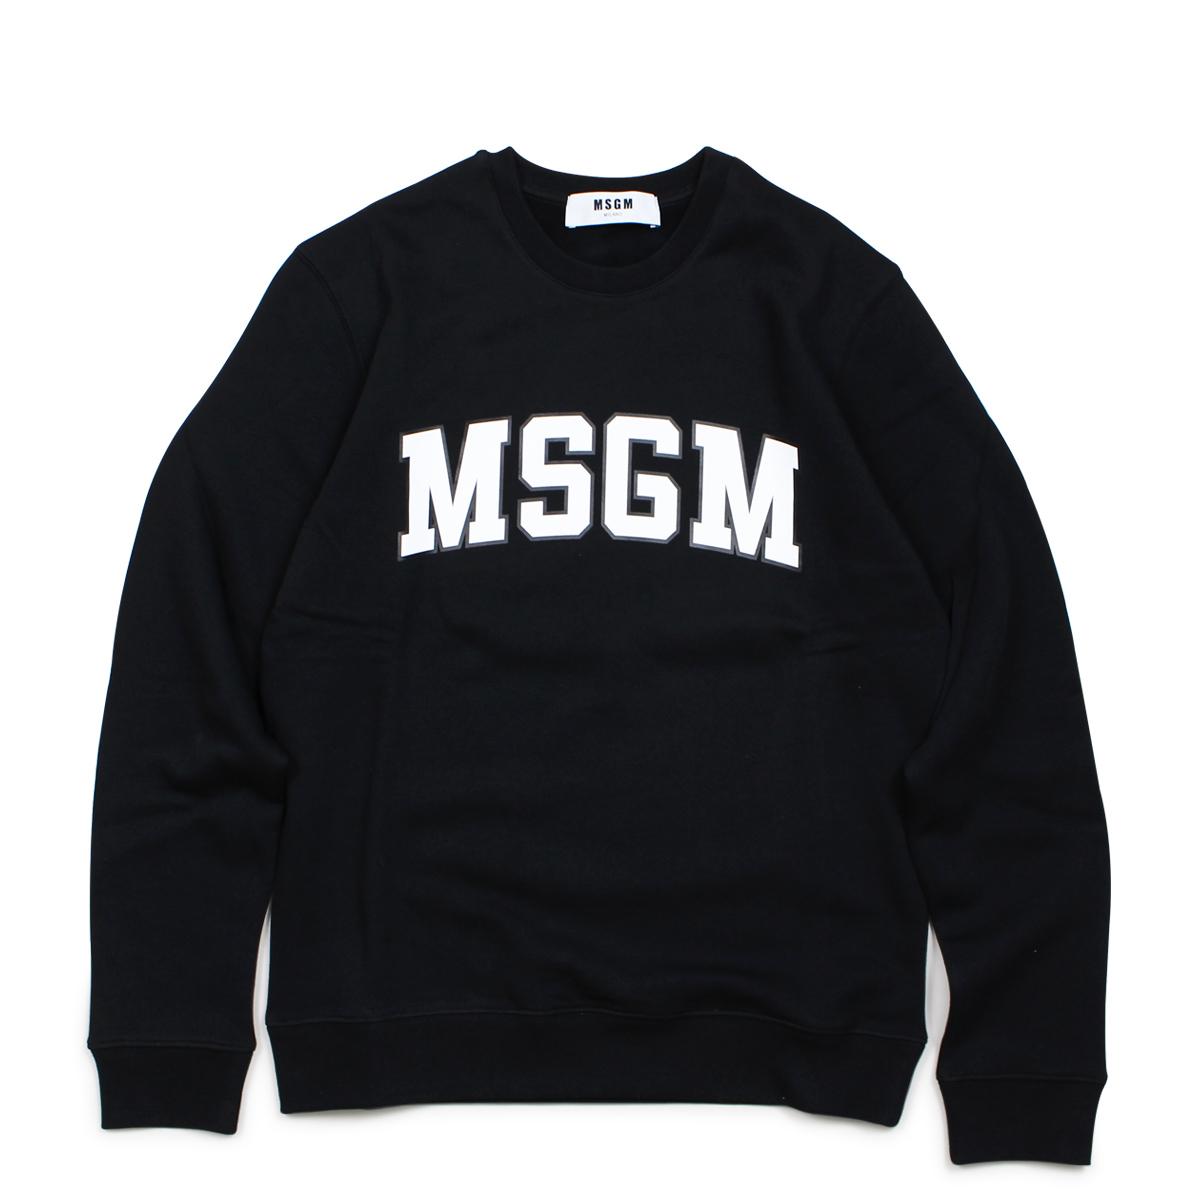 MSGM LONG SLEEVED SHIRTS トレーナー スウェット レディース エムエスジーエム ブラック 2541MDM163 184799